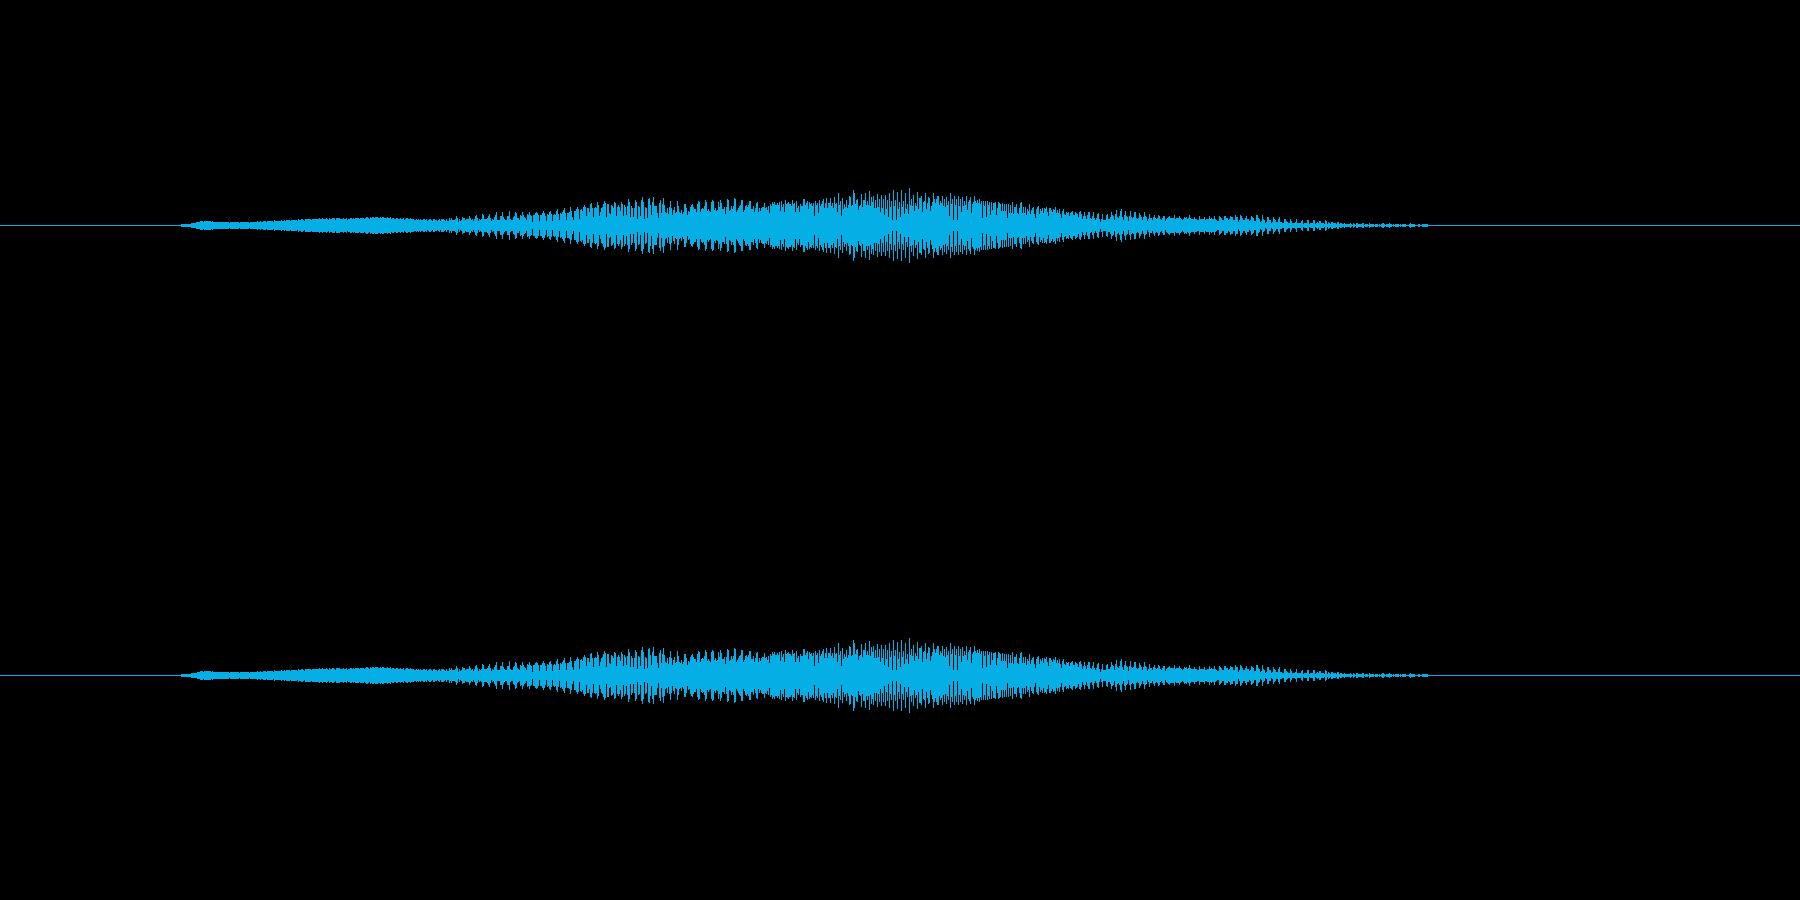 ニャー_猫声-13の再生済みの波形